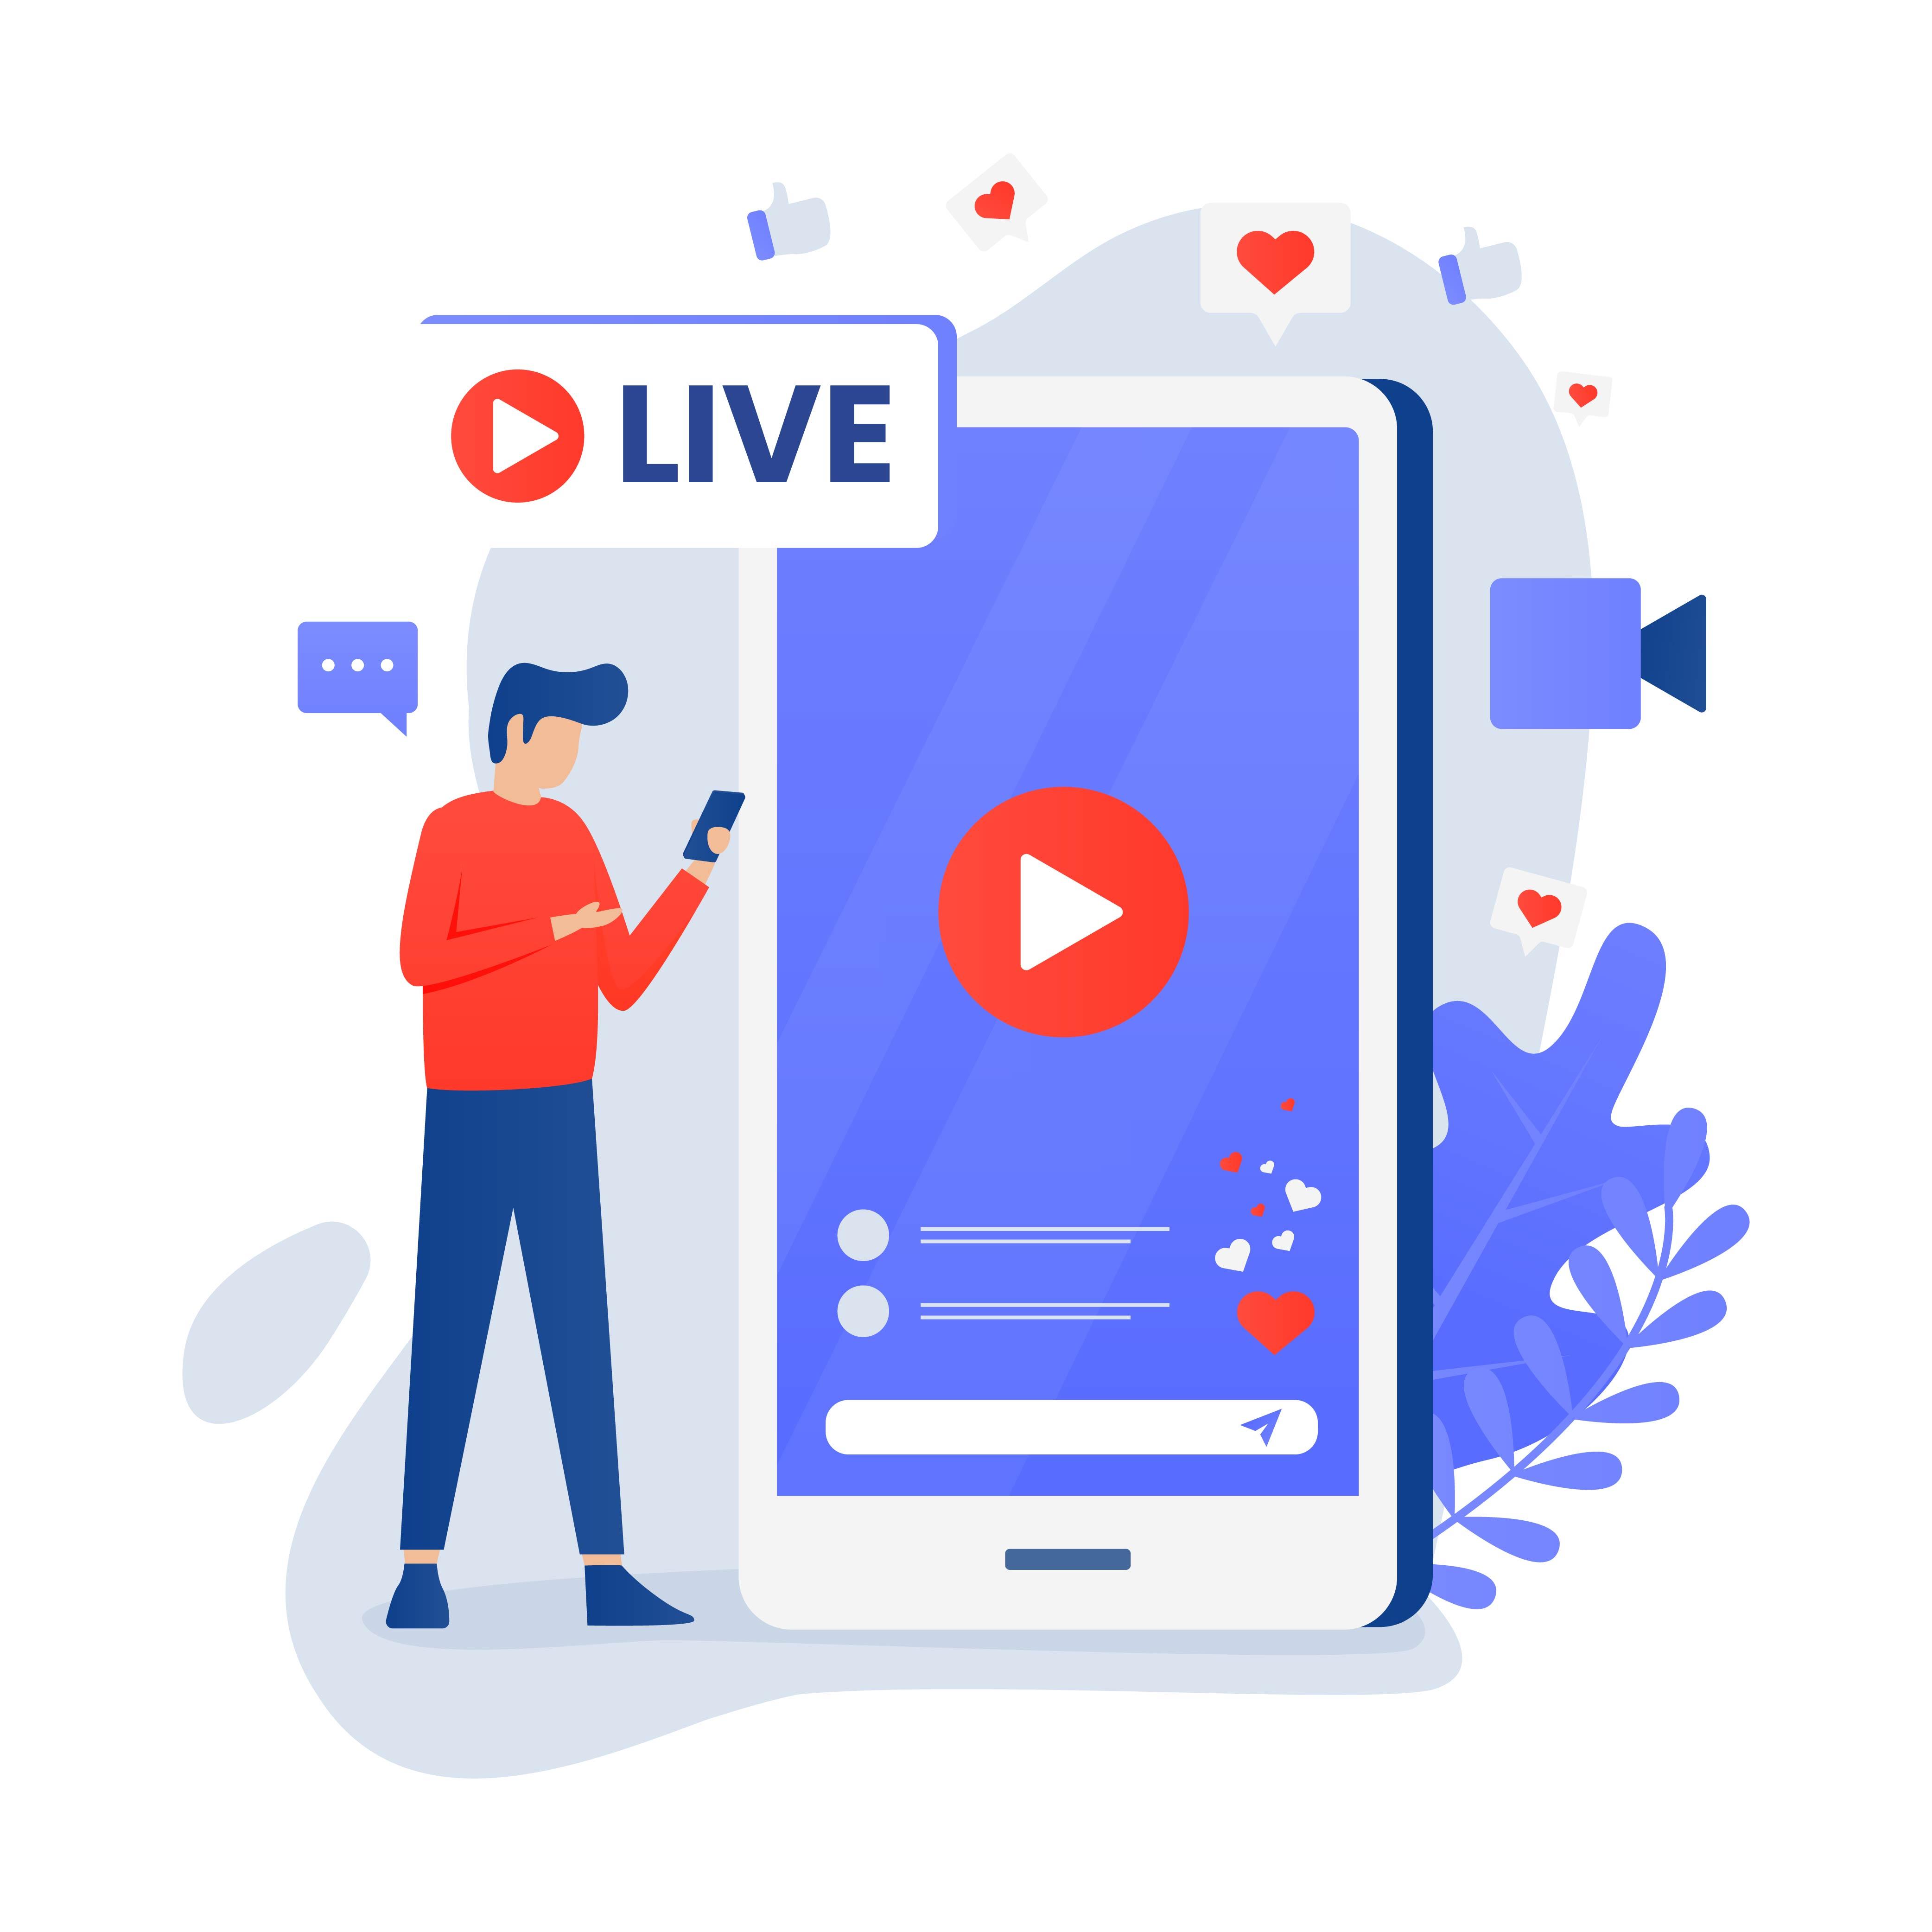 conceito de transmissão ao vivo de mídia social com personagem